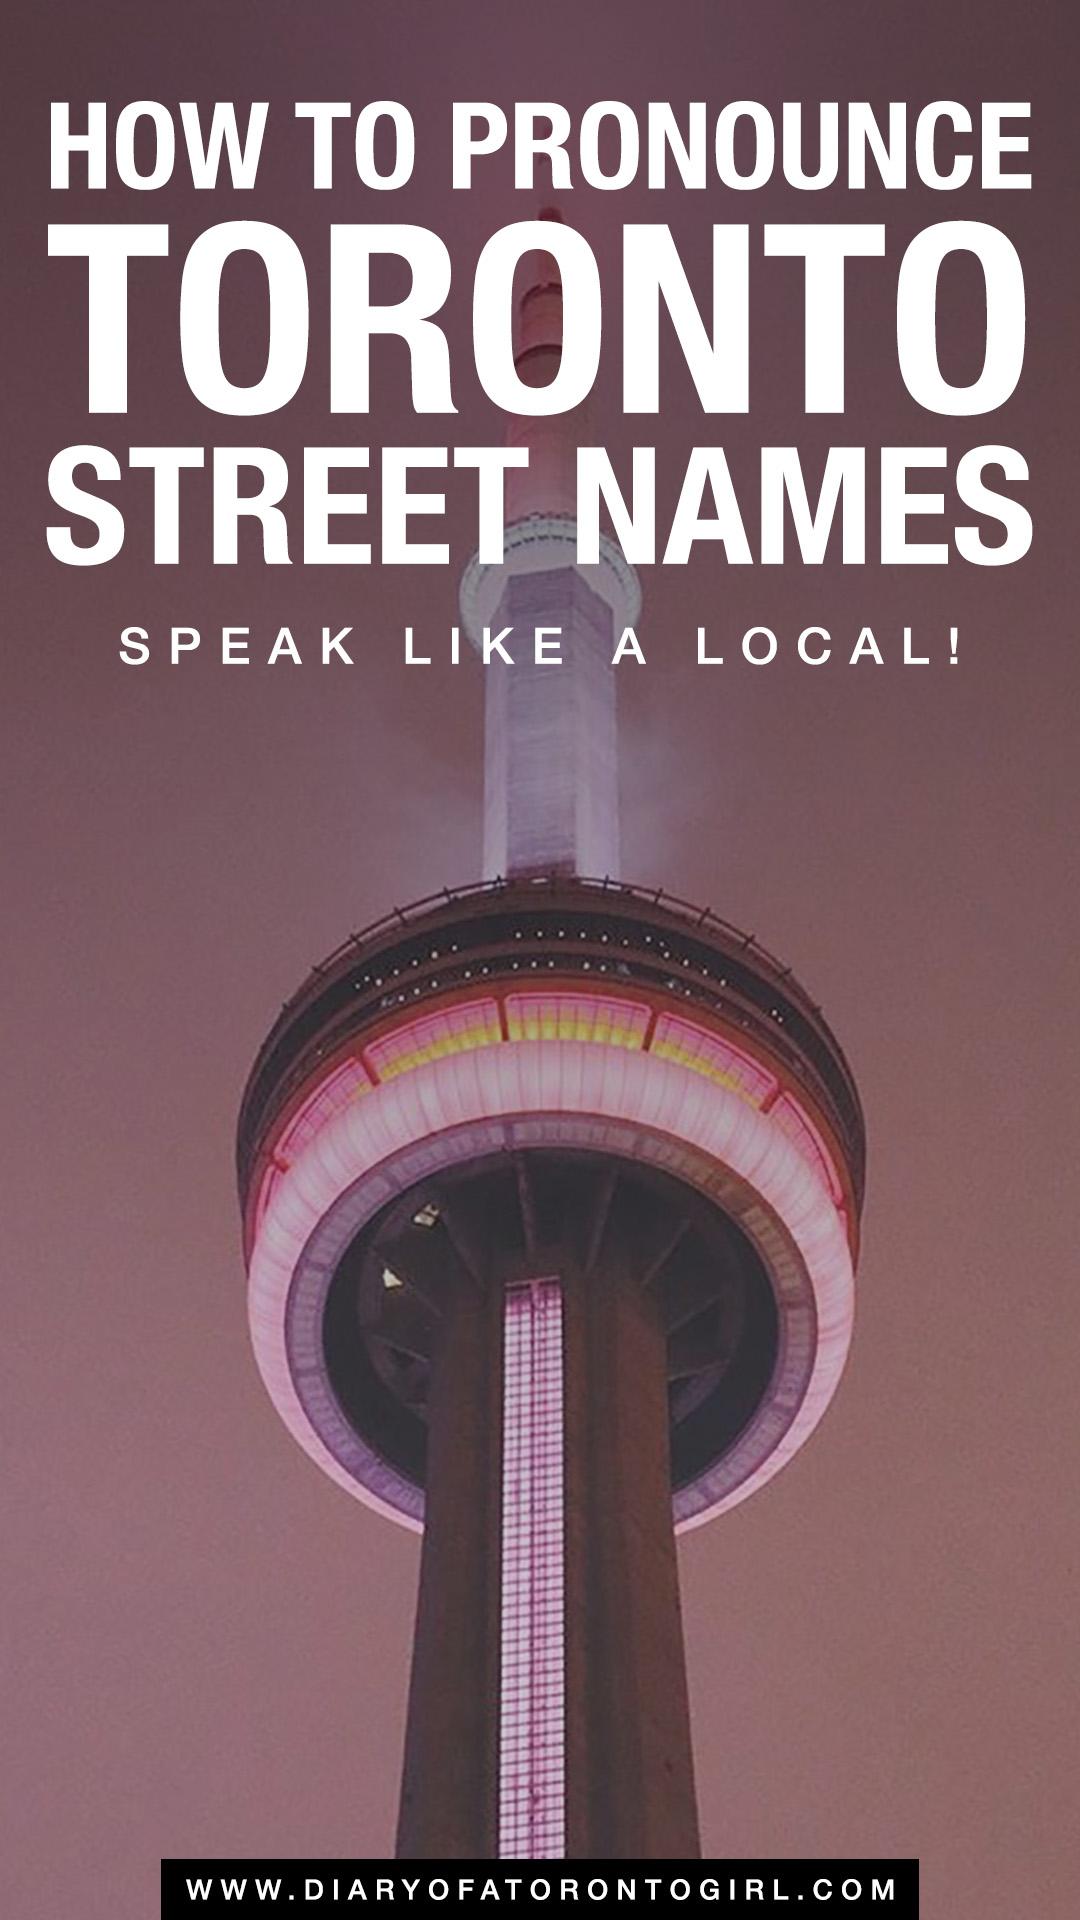 How do you pronounce Toronto?